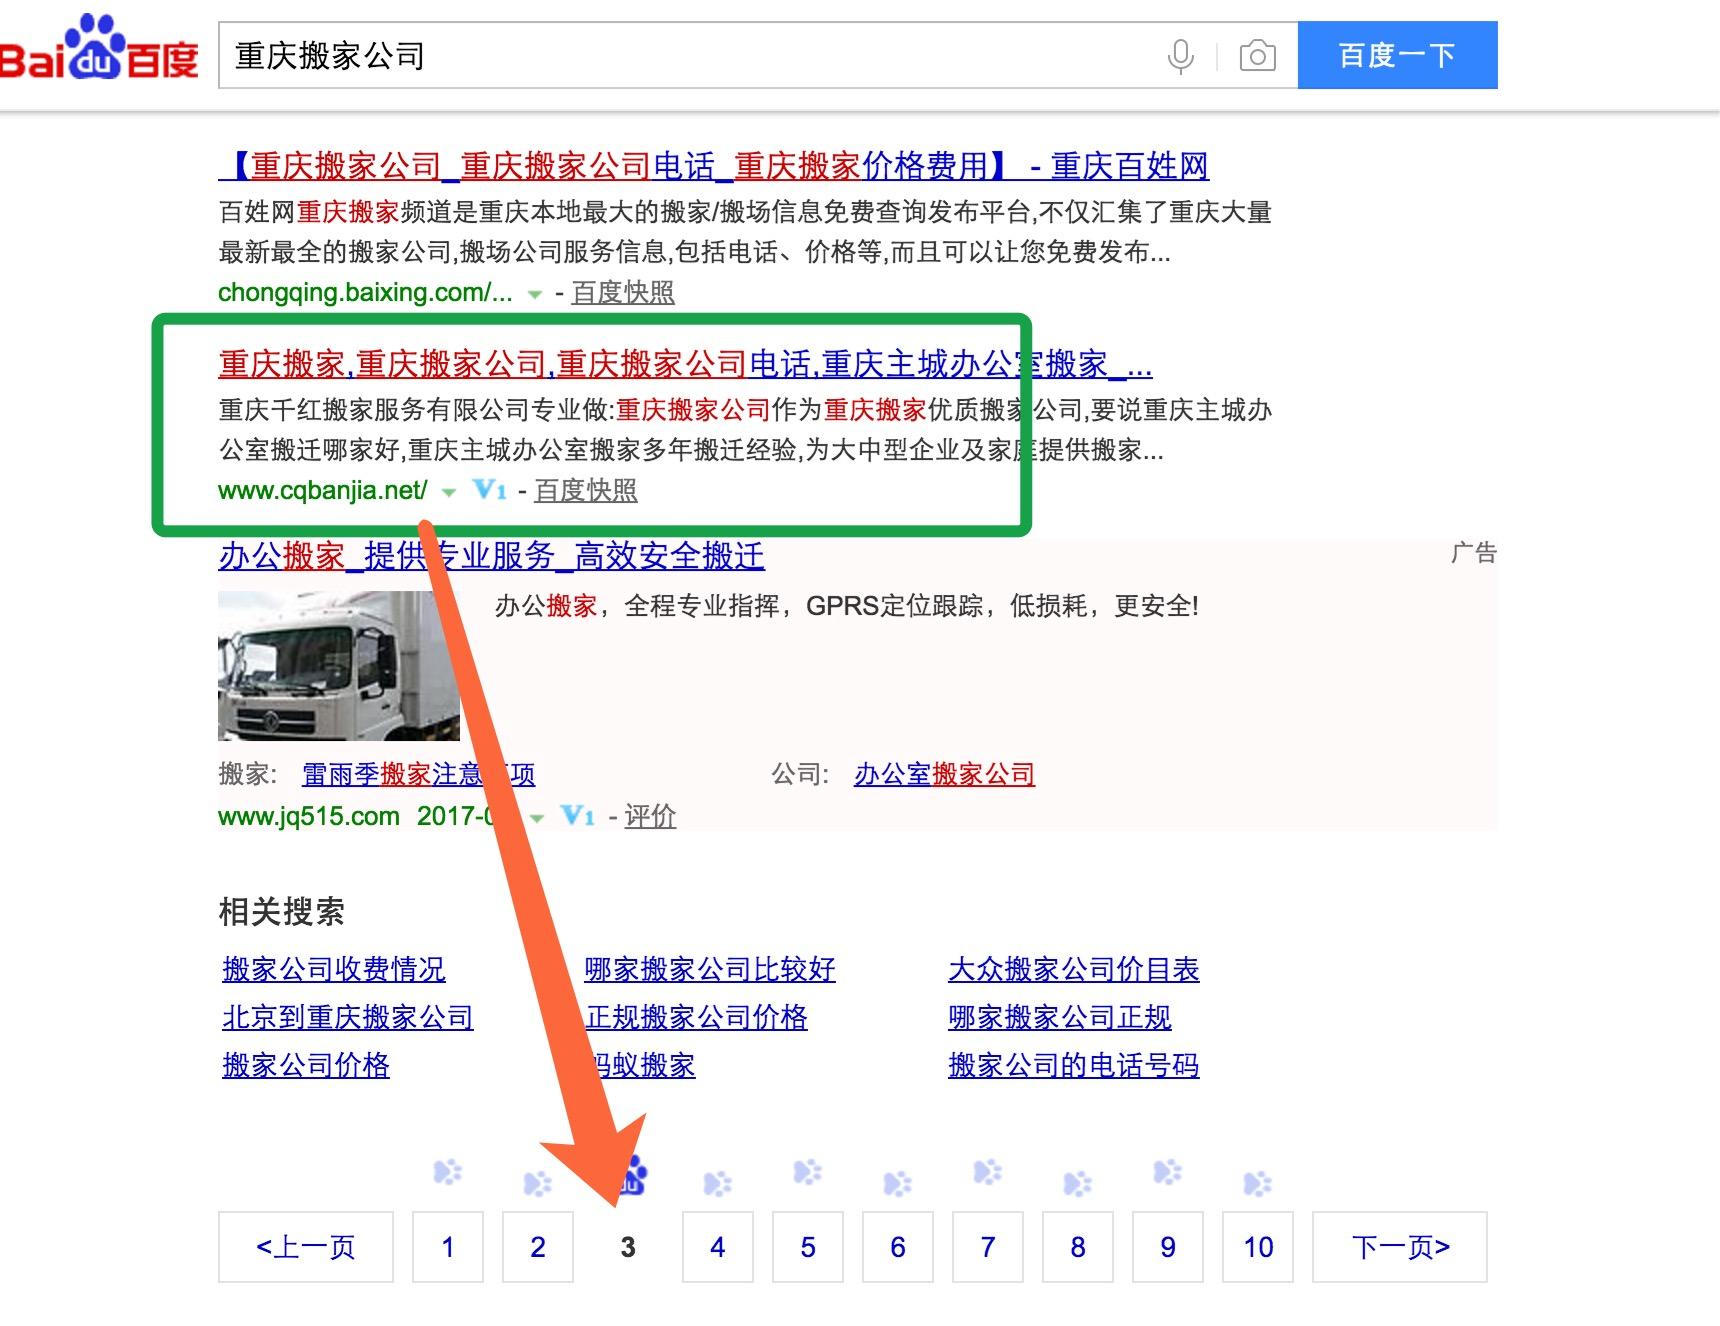 重庆搬家公司高难度行业合作于龙岗网络推广公司2个月新域名新网站seo效果真棒